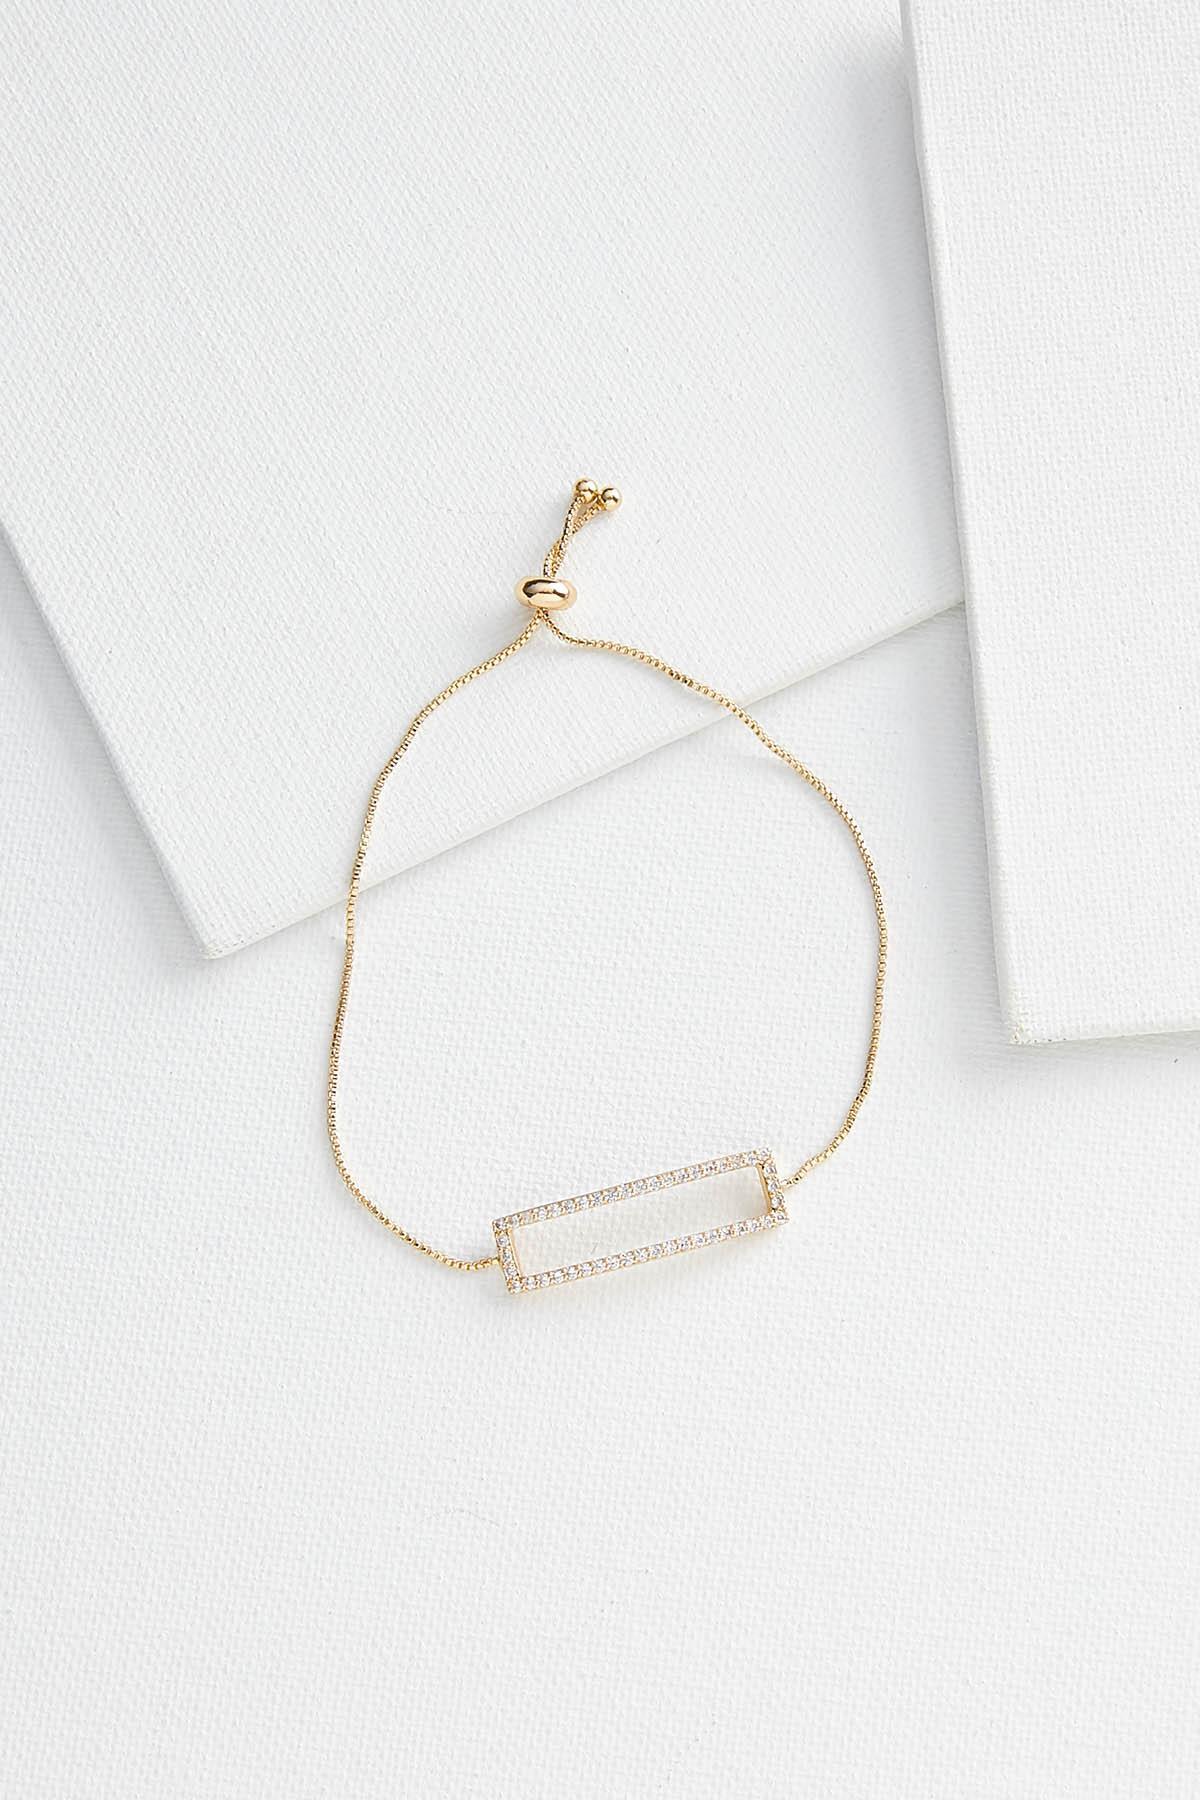 Bling Bling Bracelet